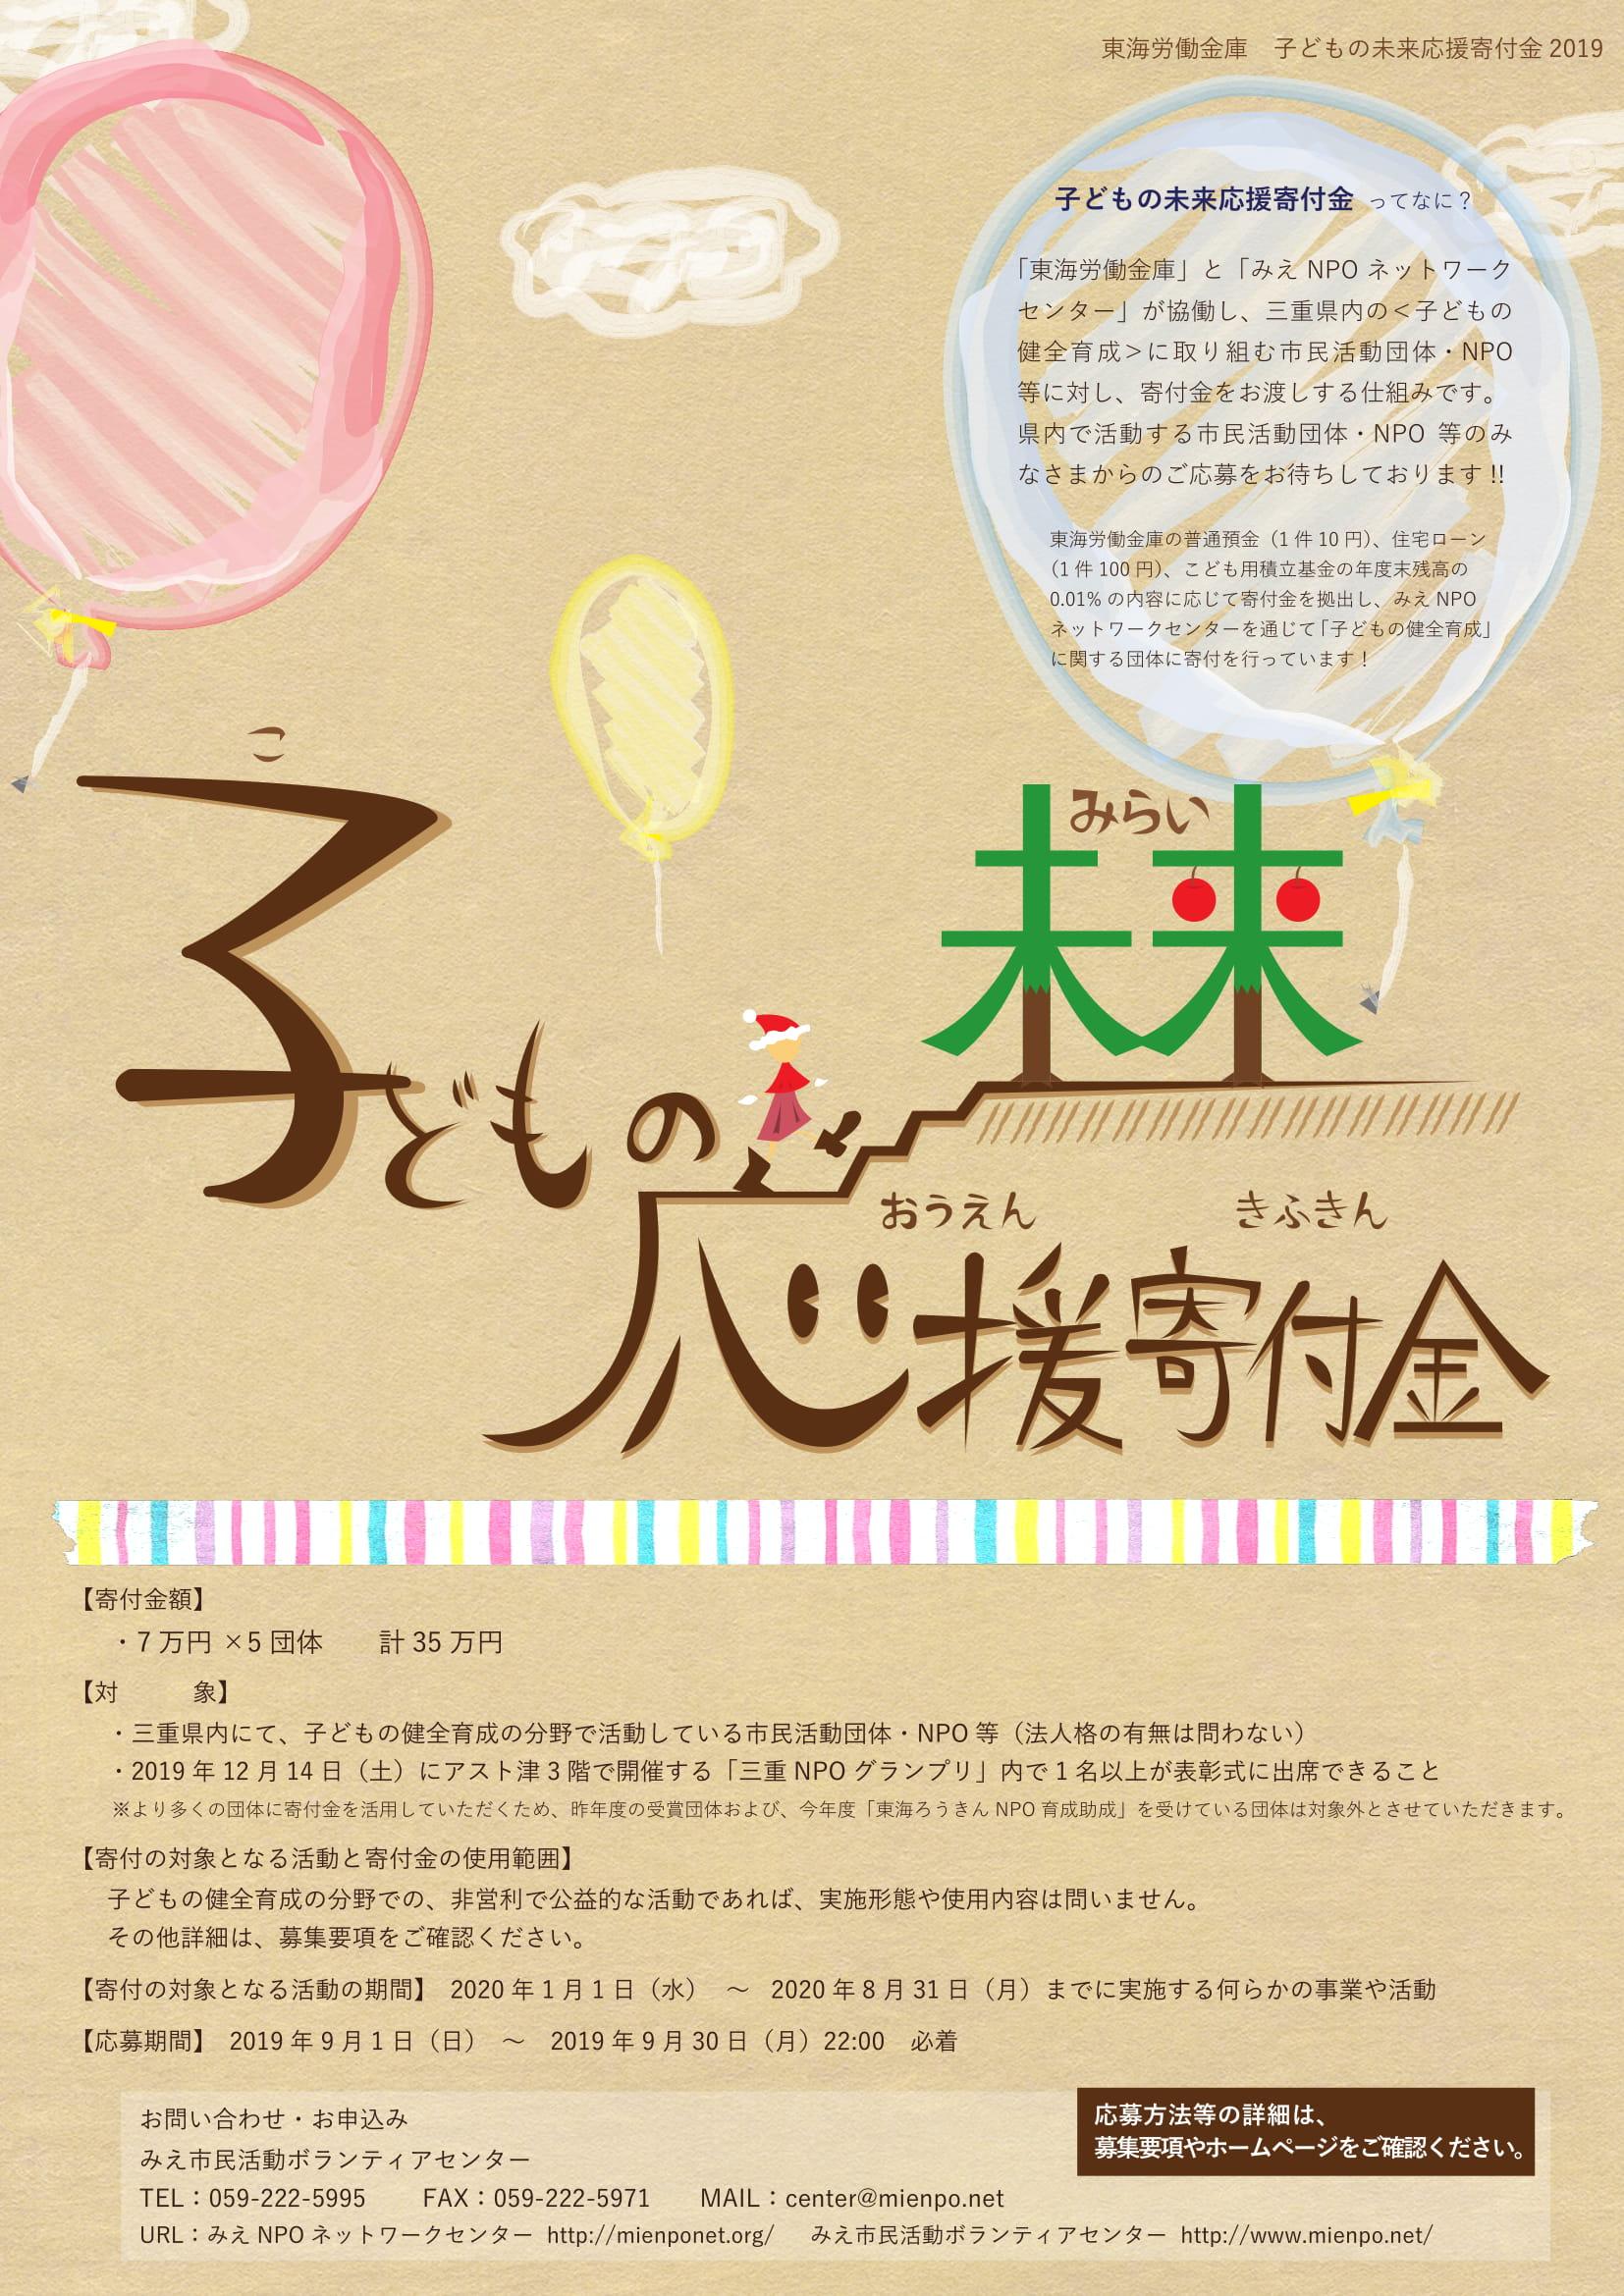 190810【ろうきん】チラシ_JPG